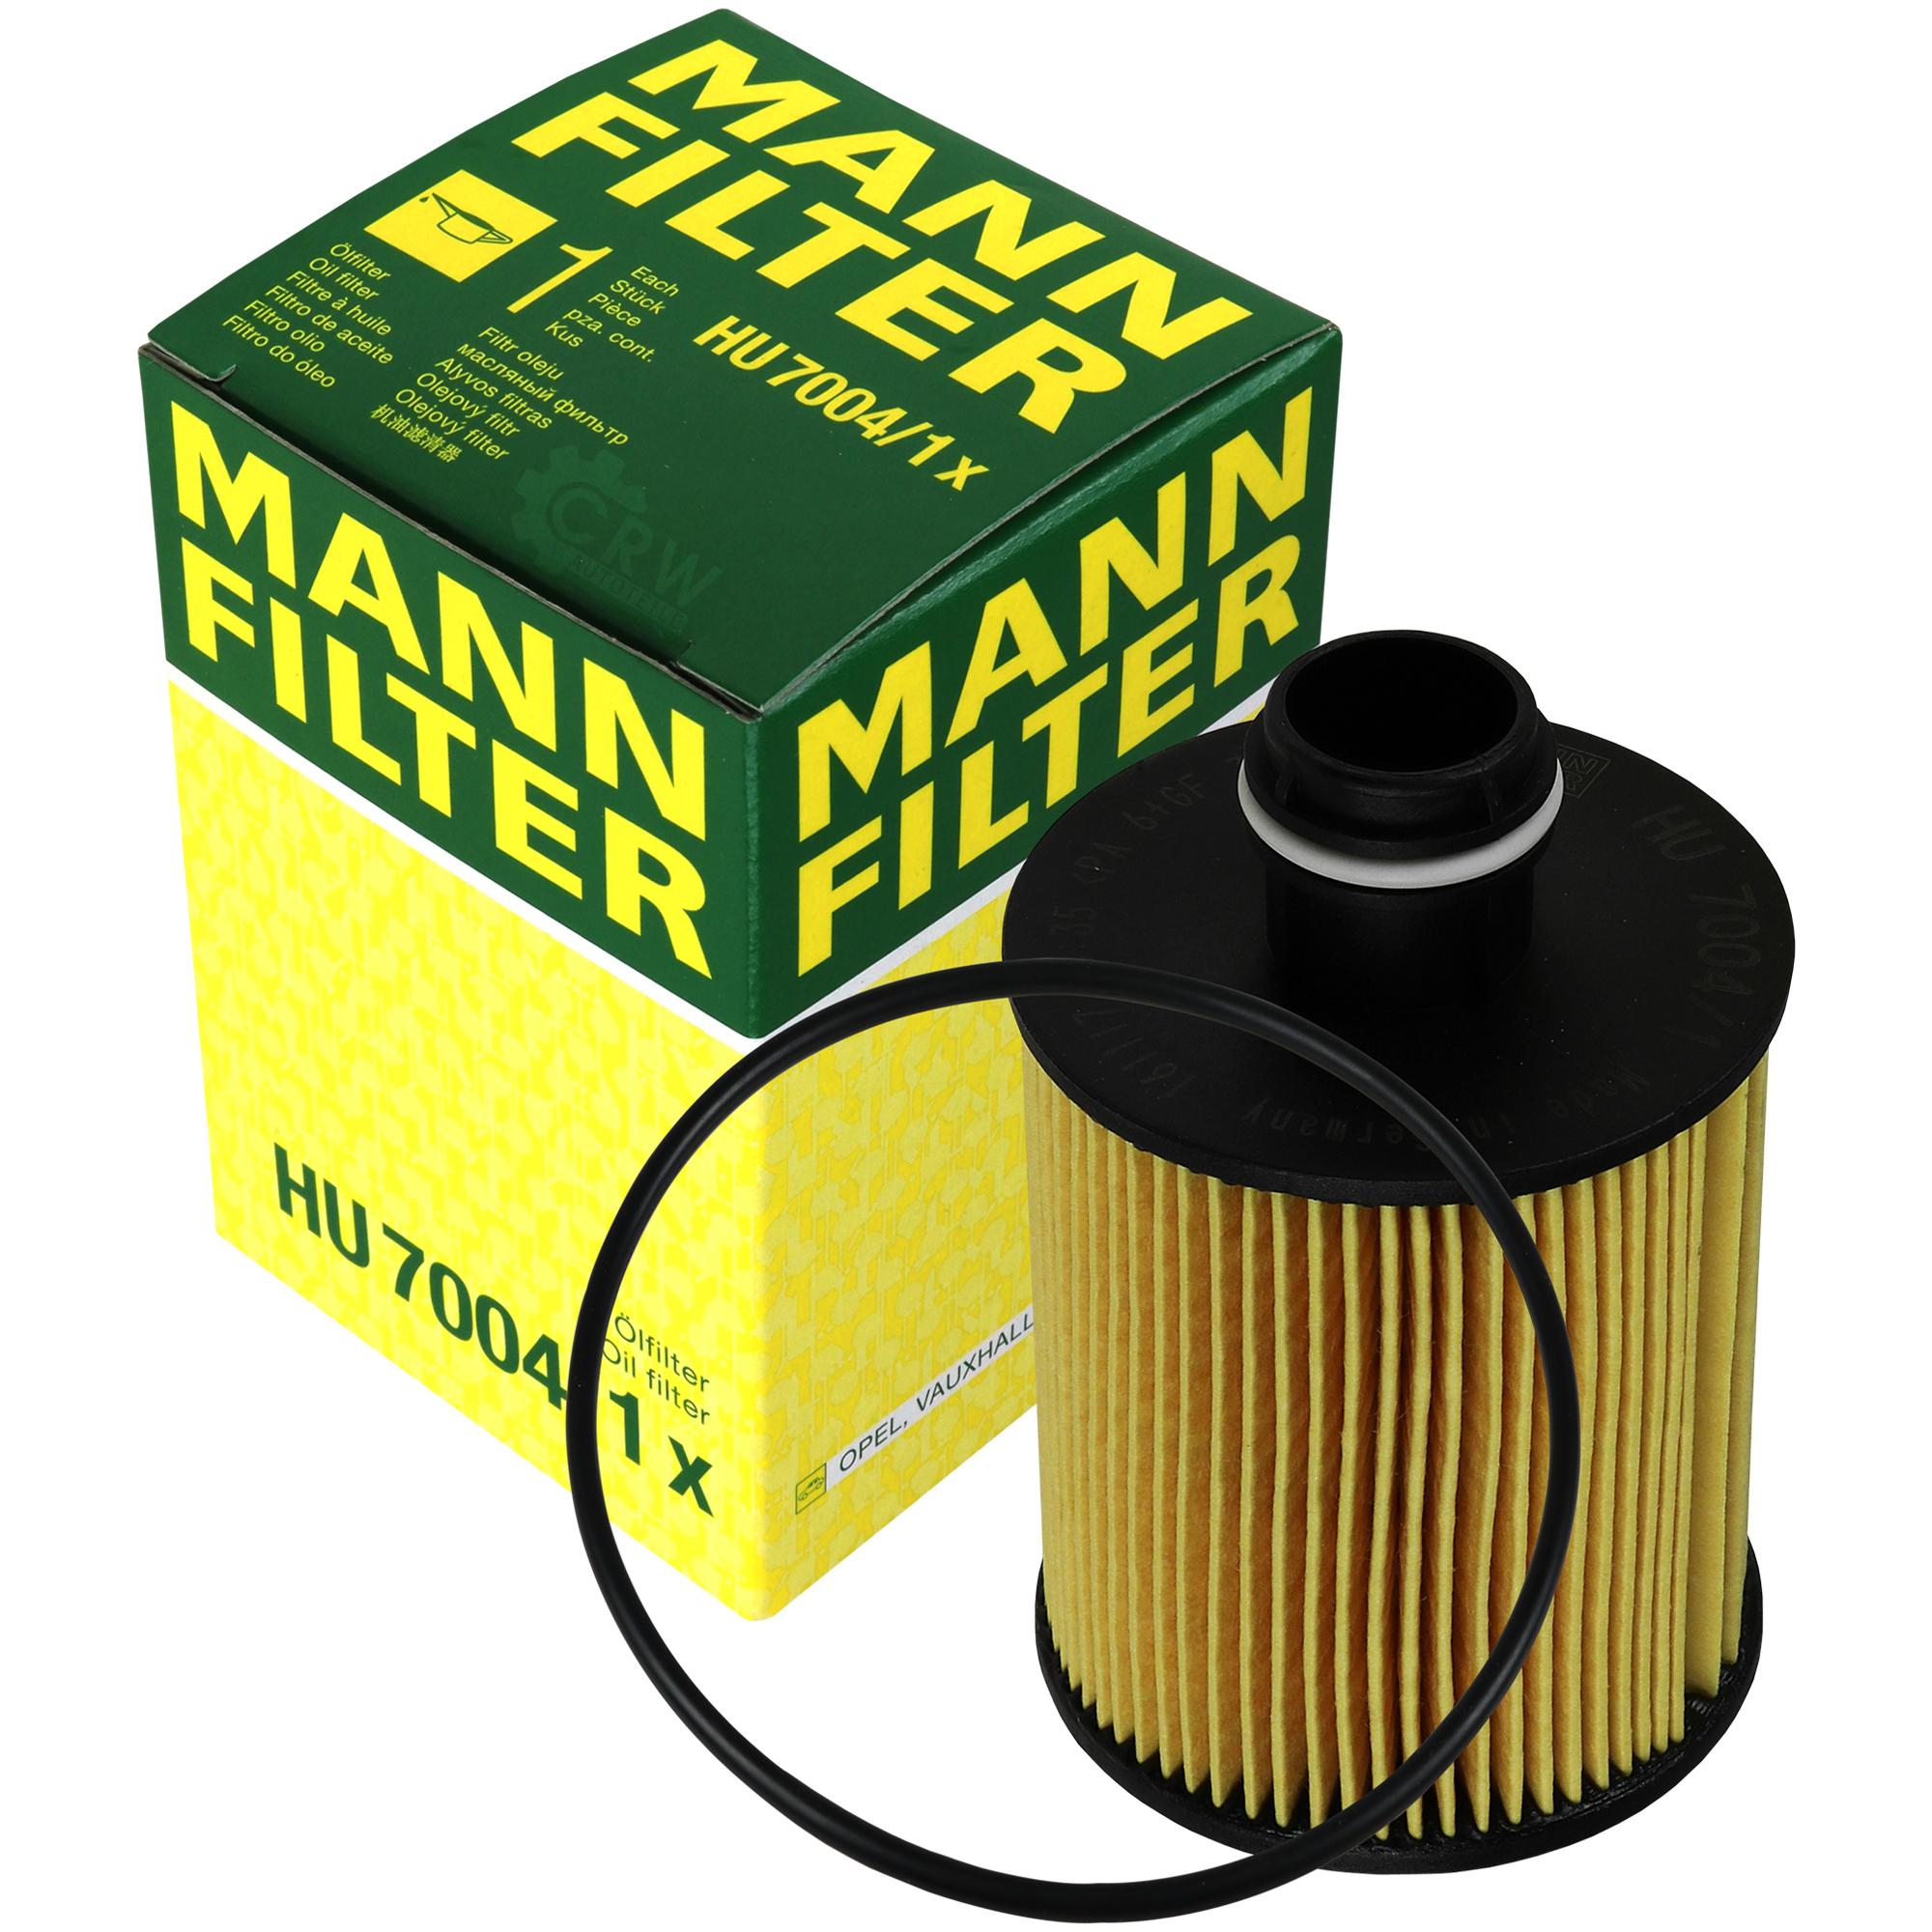 MANNOL-5L-Energy-Premium-5W-30-MANN-FILTER-Filterpaket-Opel-Astra-J-W13-2-0-CDTi Indexbild 3